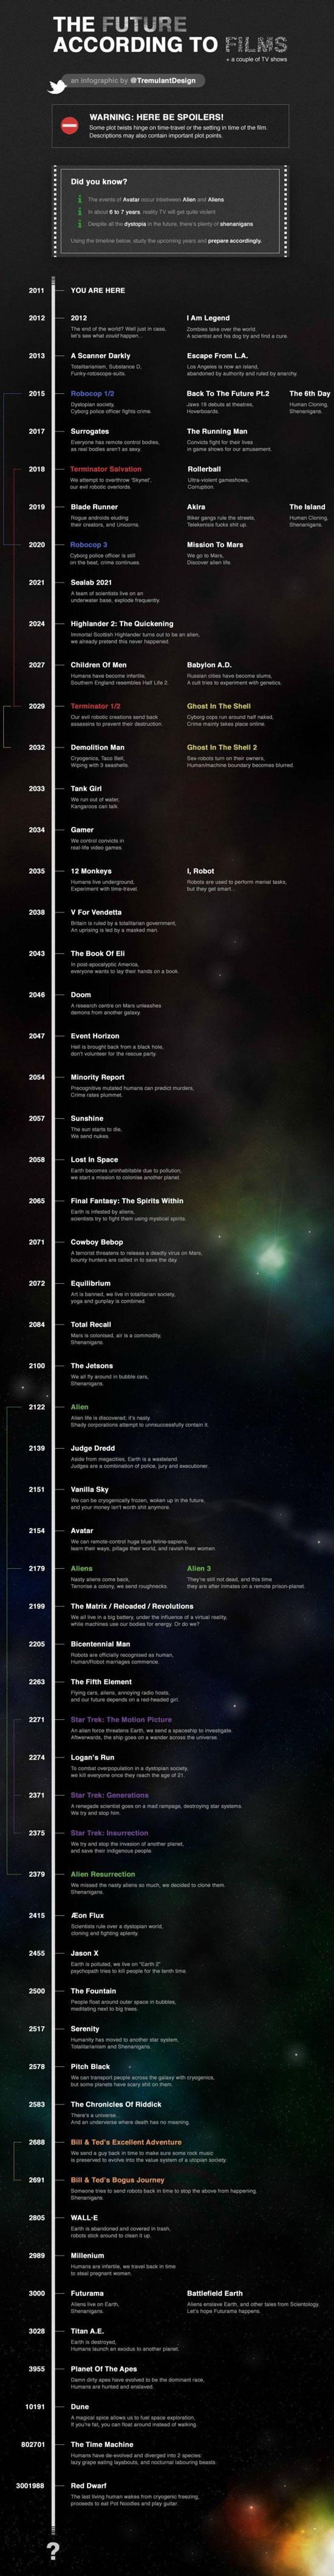 Το μέλλον σύμφωνα με όσα βλέπουμε στις ταινίες (Infographic)